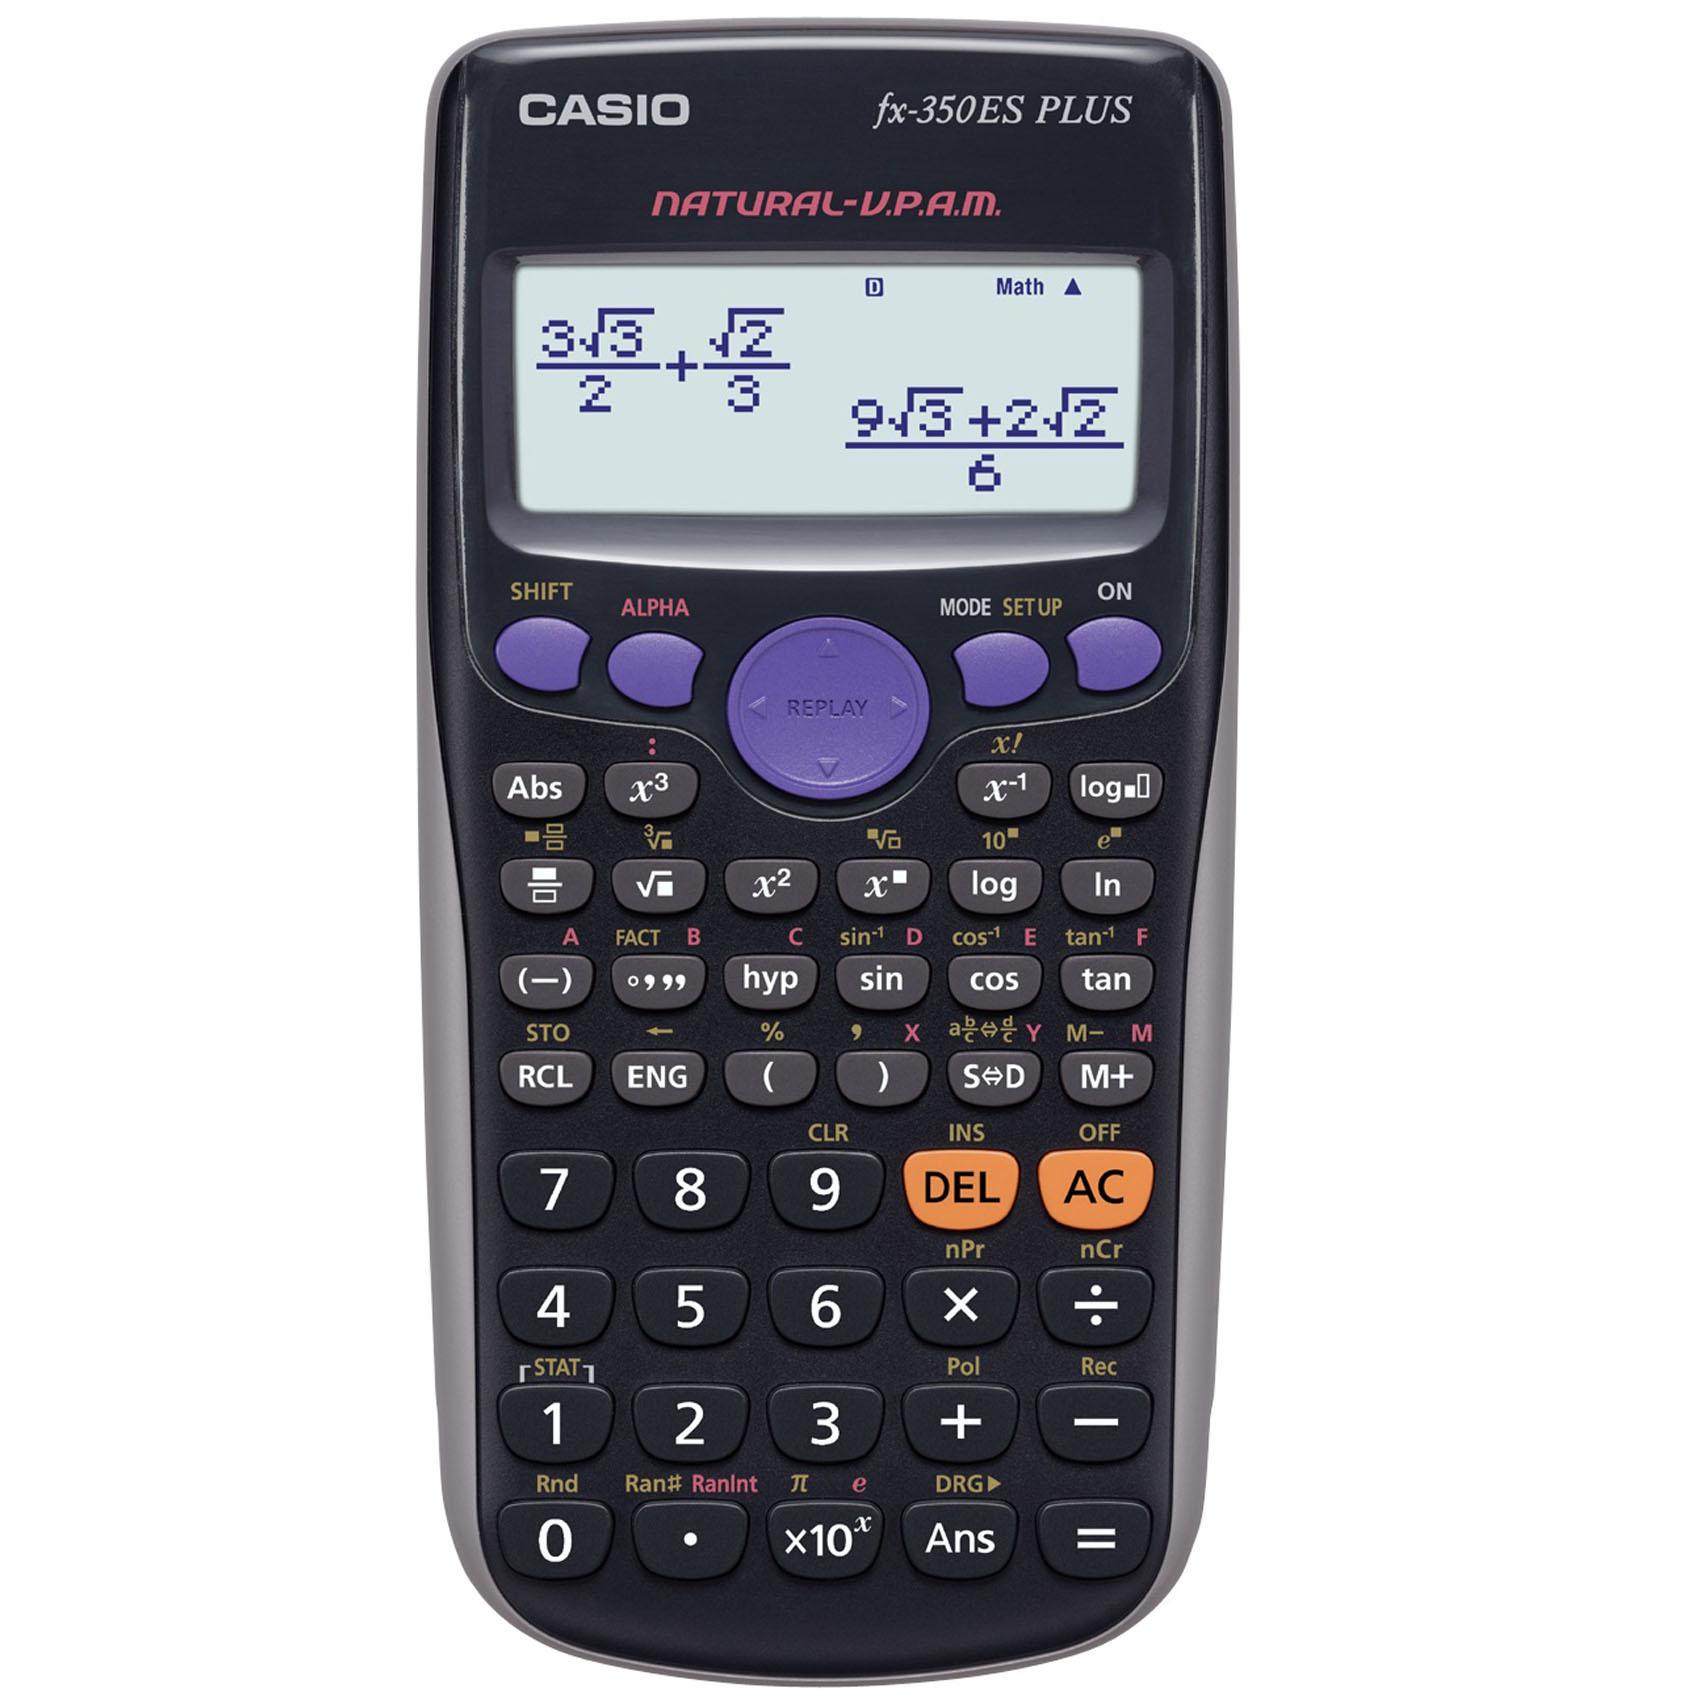 CASIO FX-350ES PLUS SCIENTIFIC